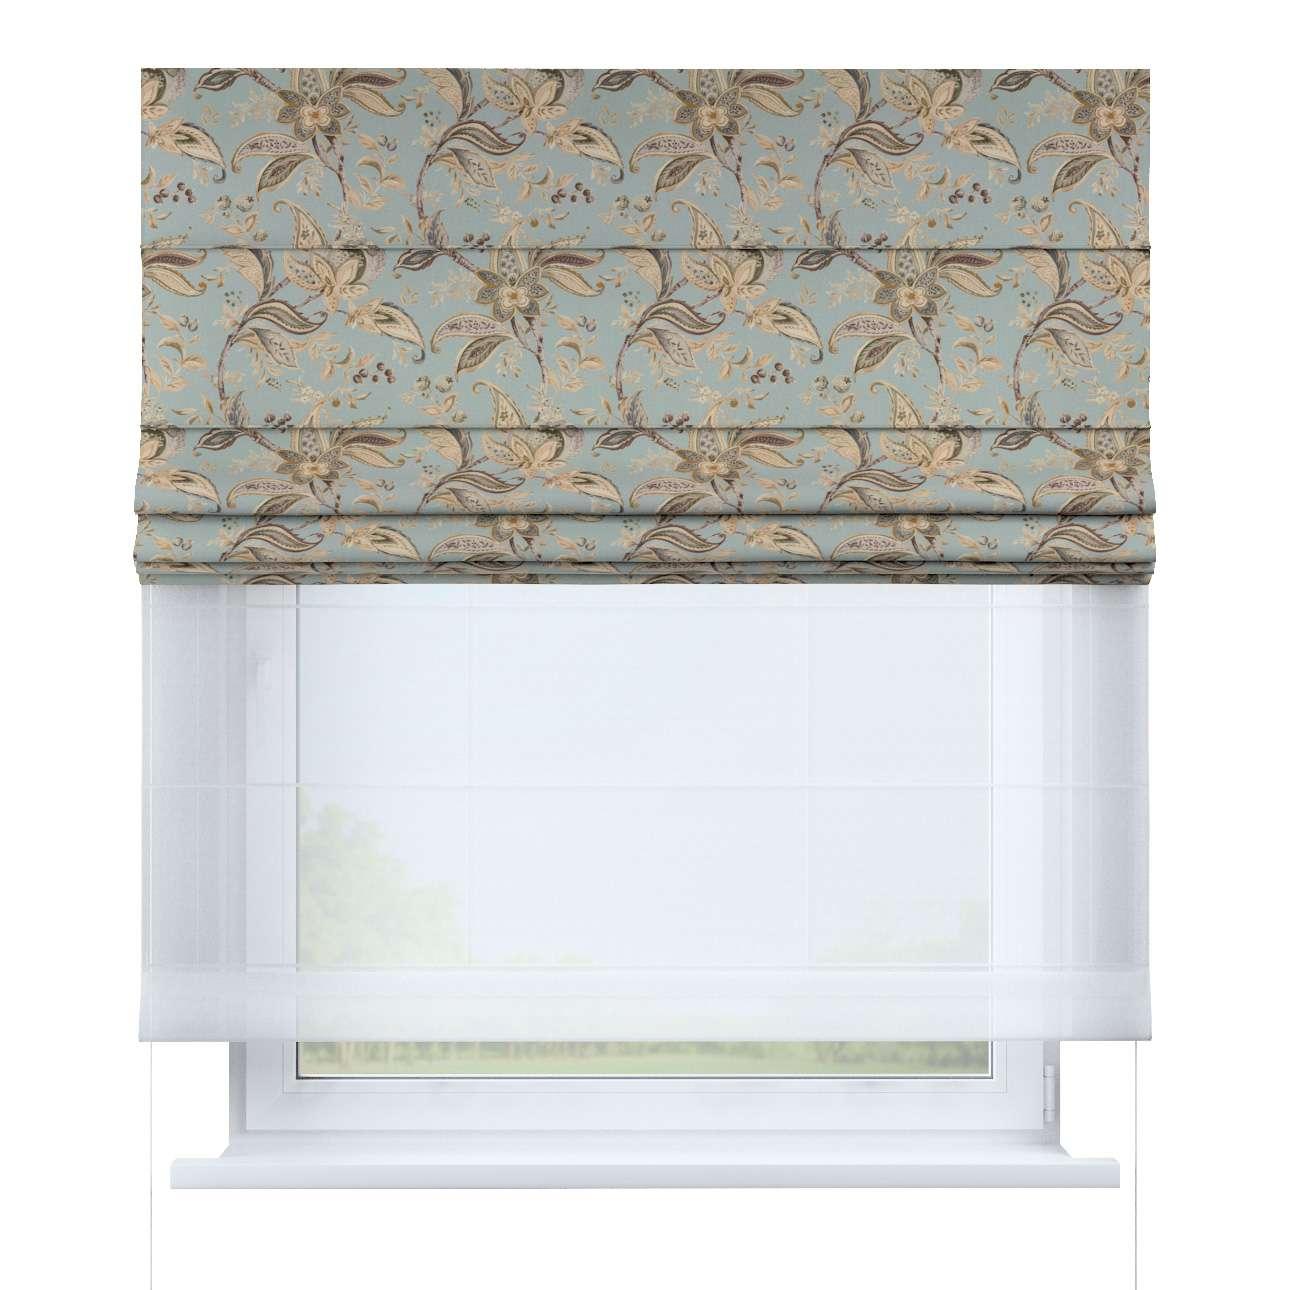 Roleta rzymska Duo w kolekcji Gardenia, tkanina: 142-18